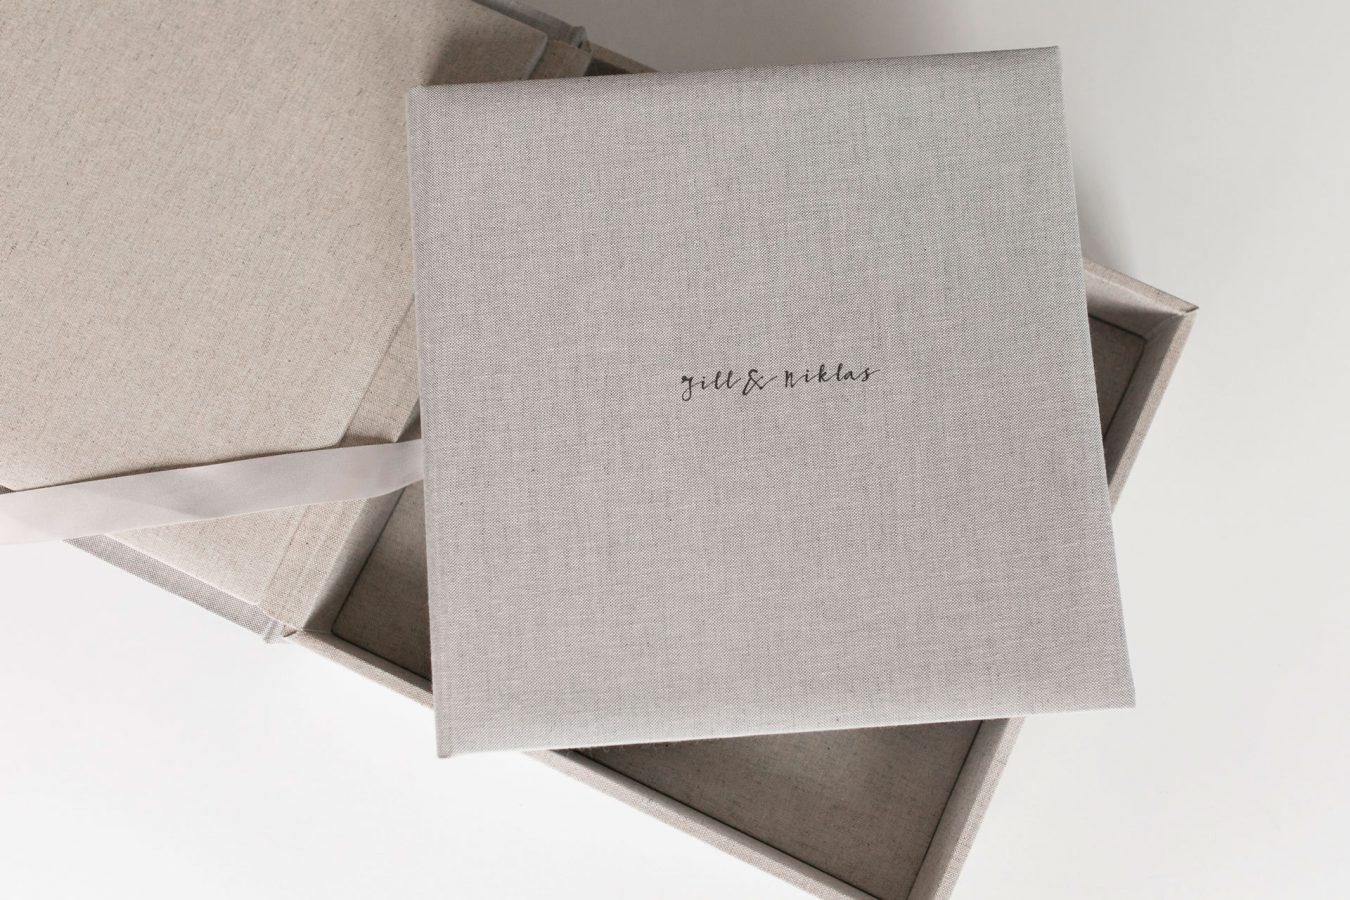 Hochwertiges langlebiges Fotoalbum Leinen nPhoto Familienfotografie Hochzeitsfotografie Albumbox